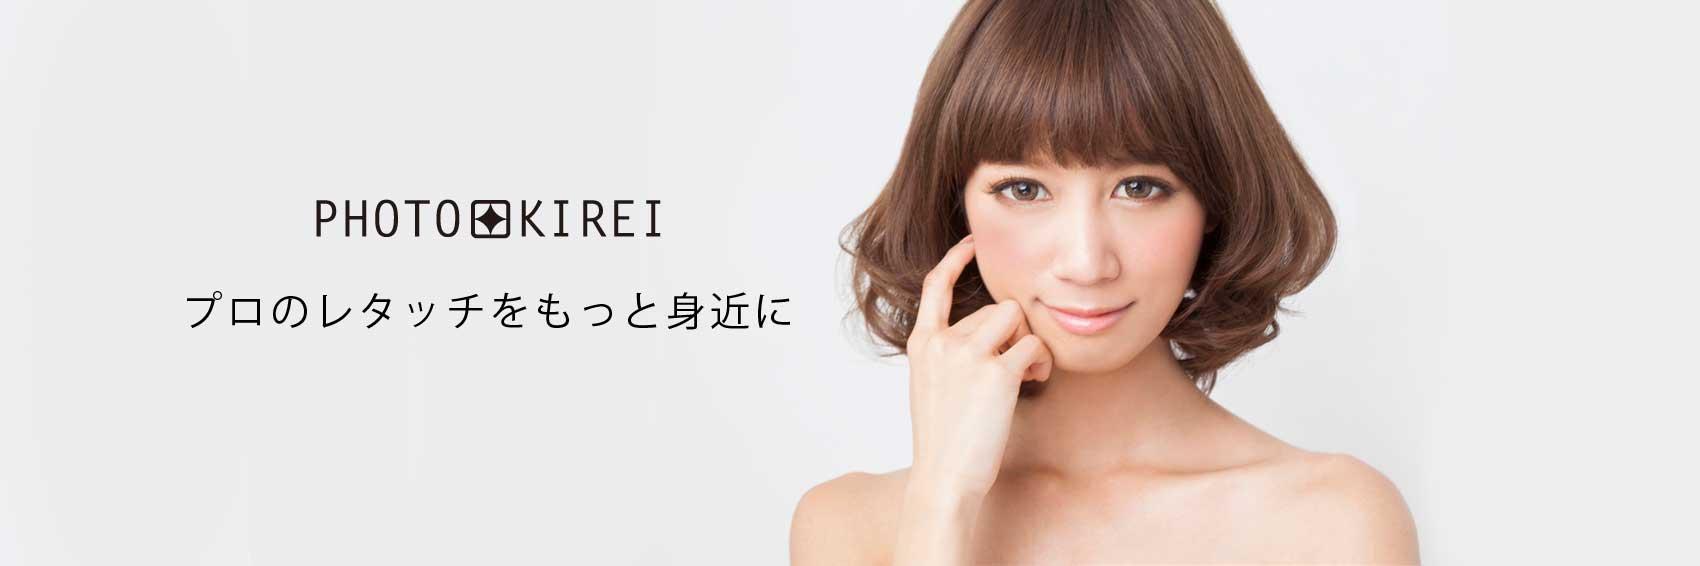 PHOTO KIREI[フォトキレイ] オープニングキャンペーン実施中